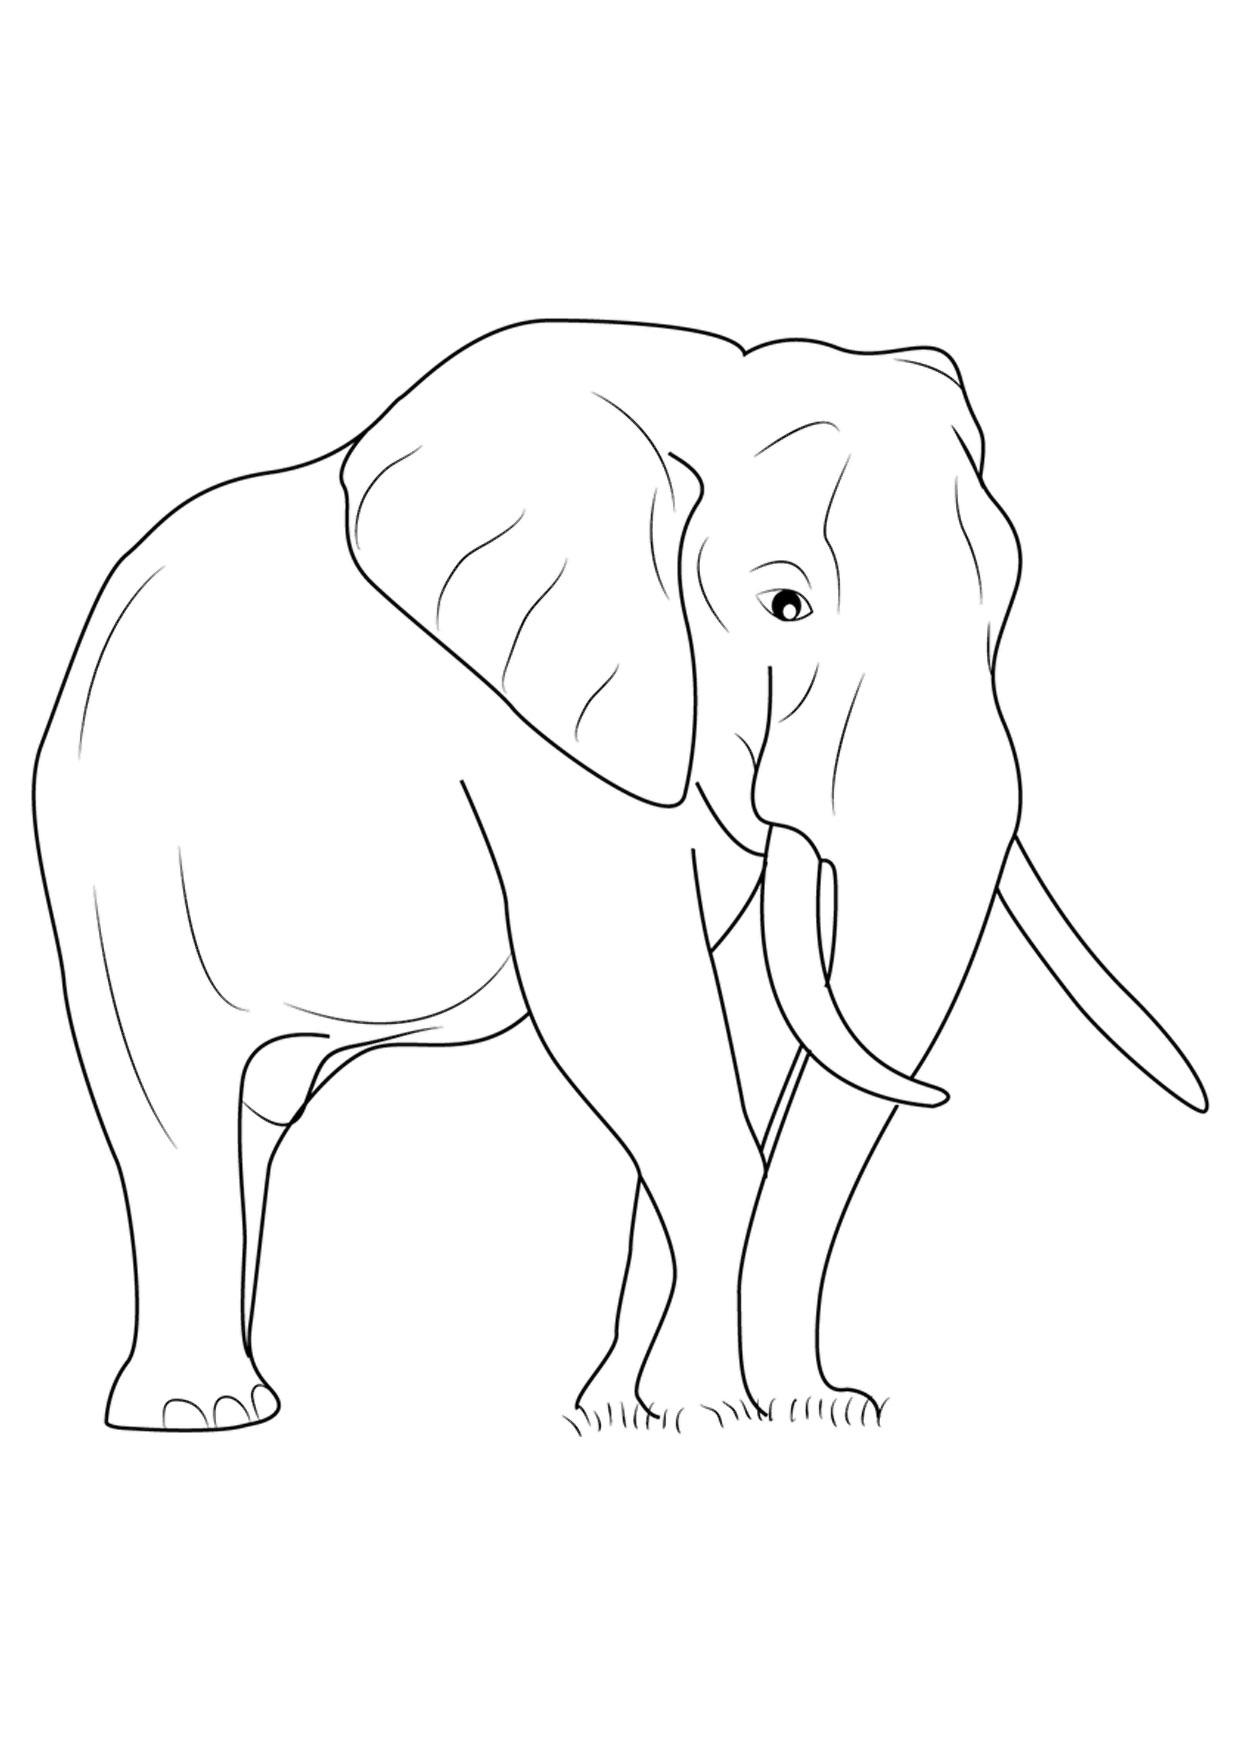 Disegno di elefanti da colorare 11